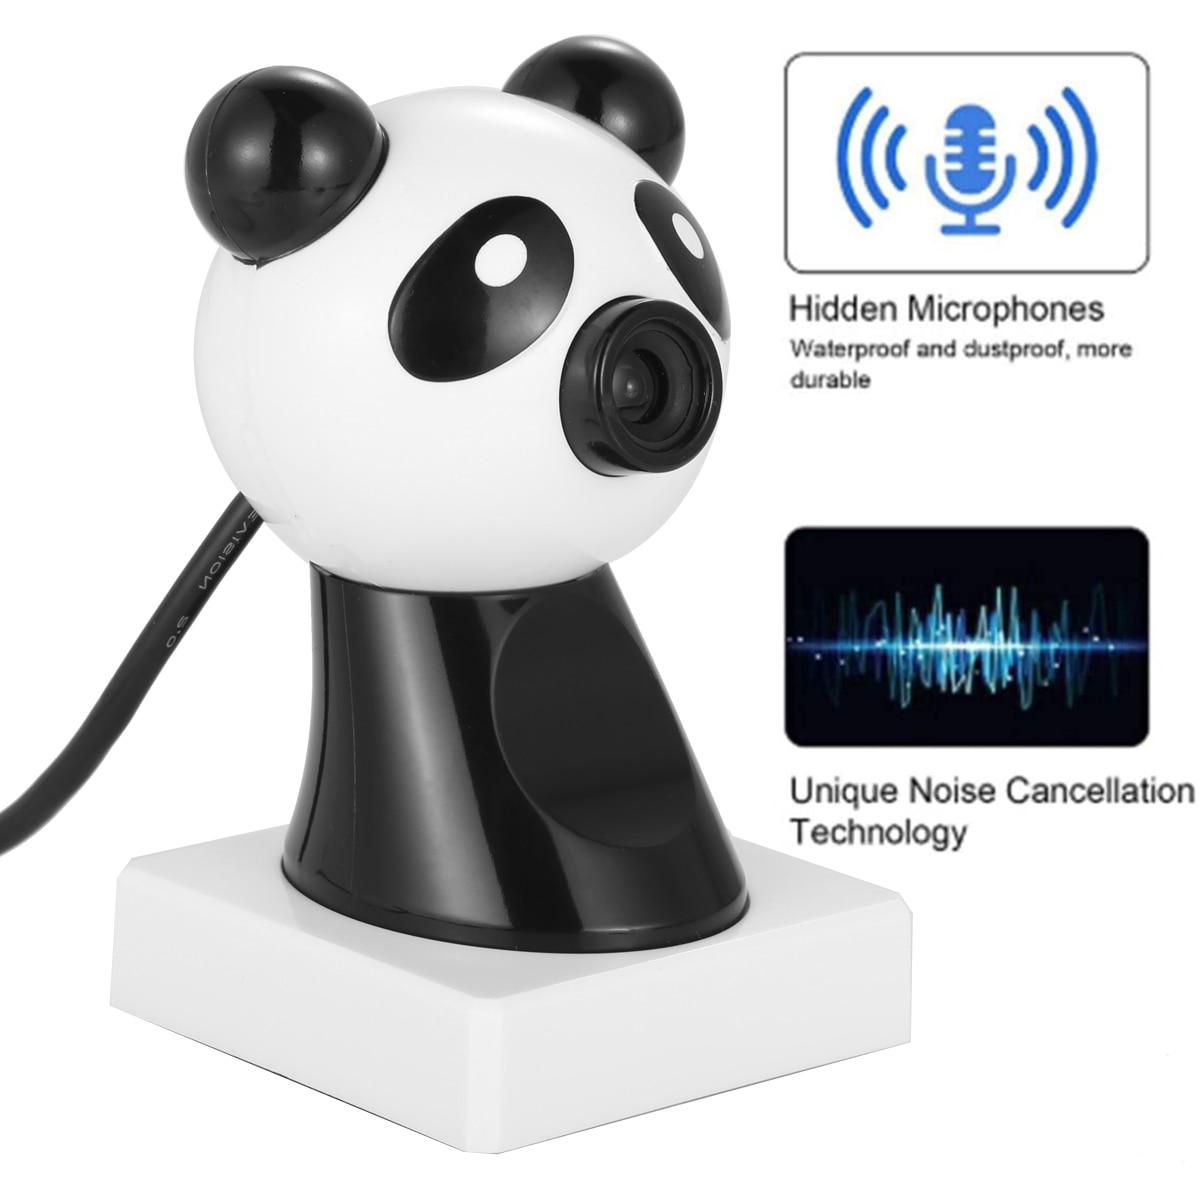 Design bonito da forma de panda 480 p hd webcam com alto-falante computador portátil usb câmera web embutido microfone de redução de ruído